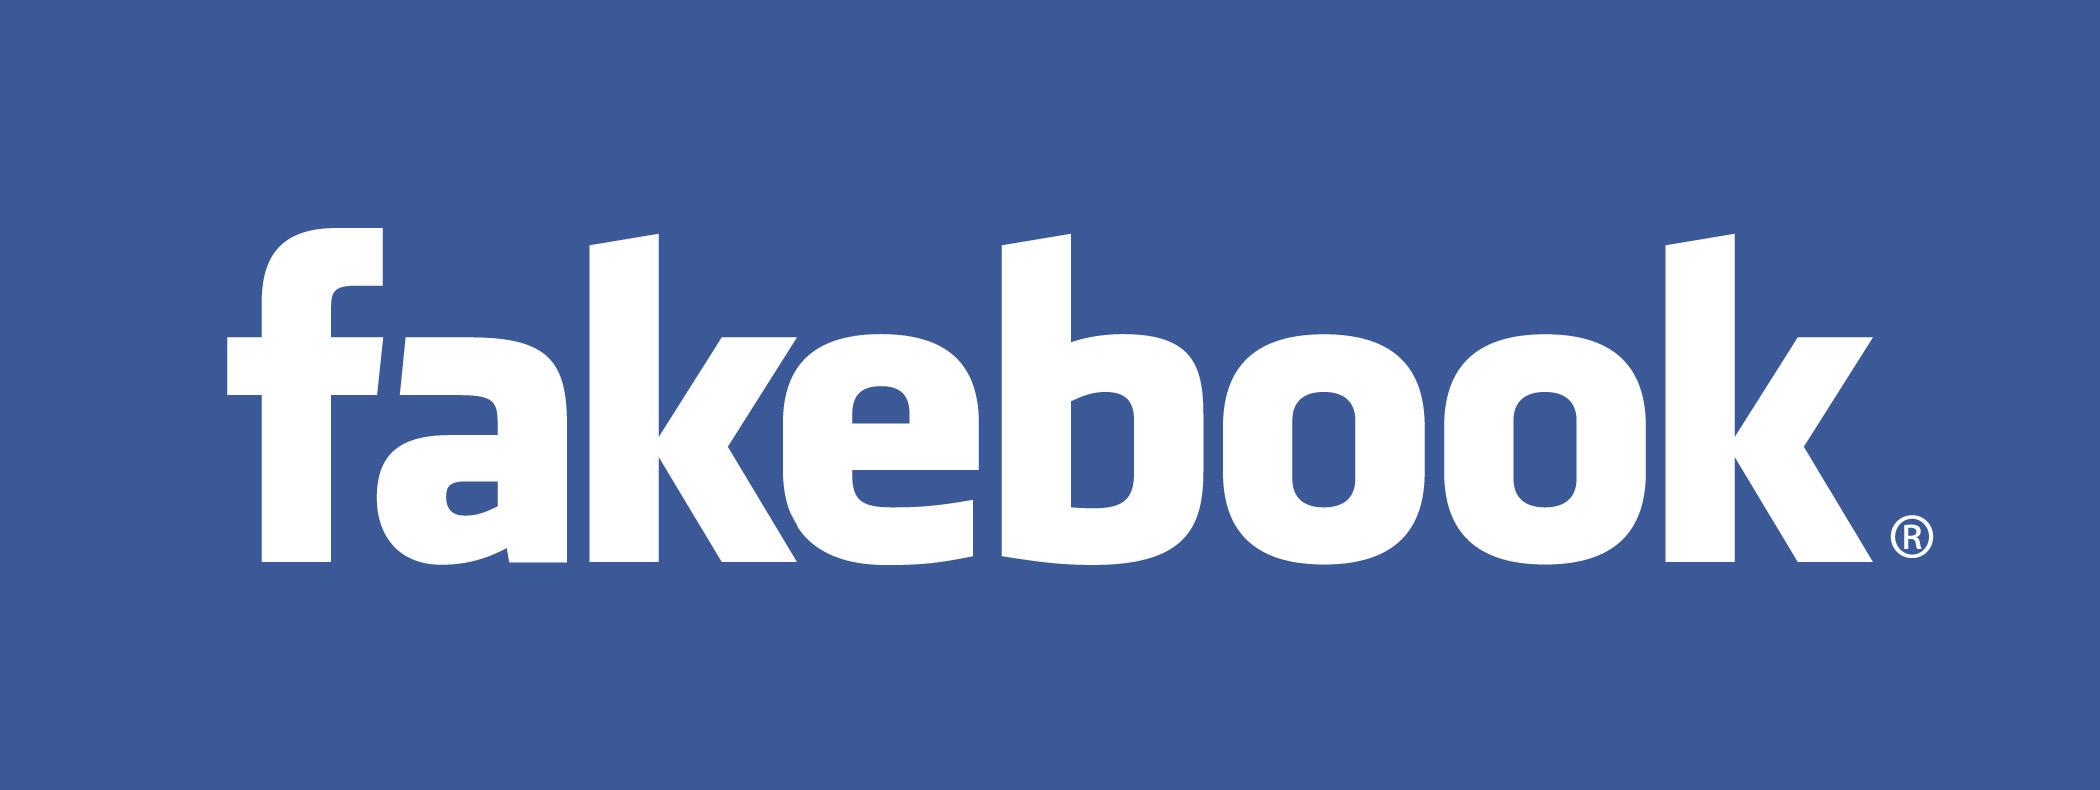 fakebook by rebelx